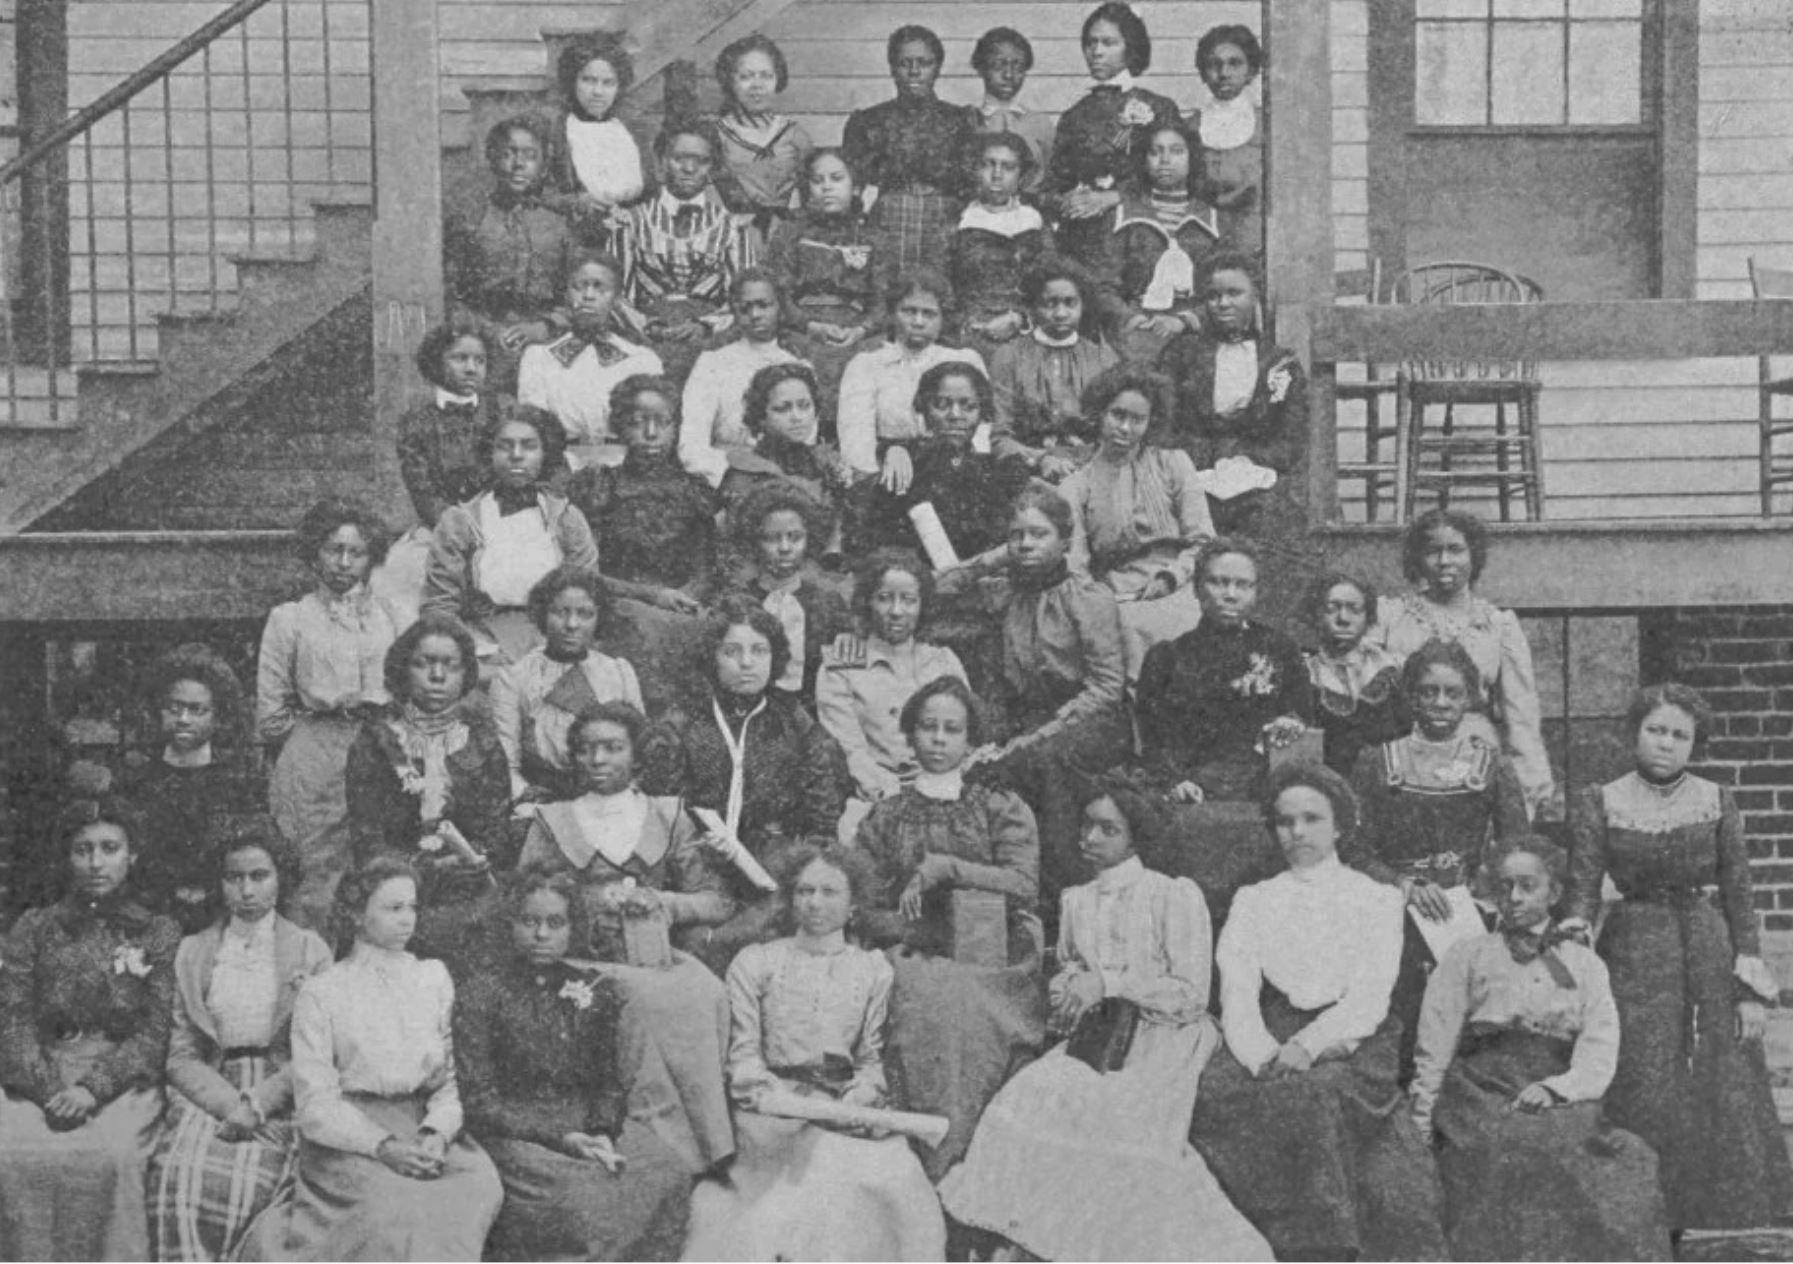 Kittrell College, Year Unknown